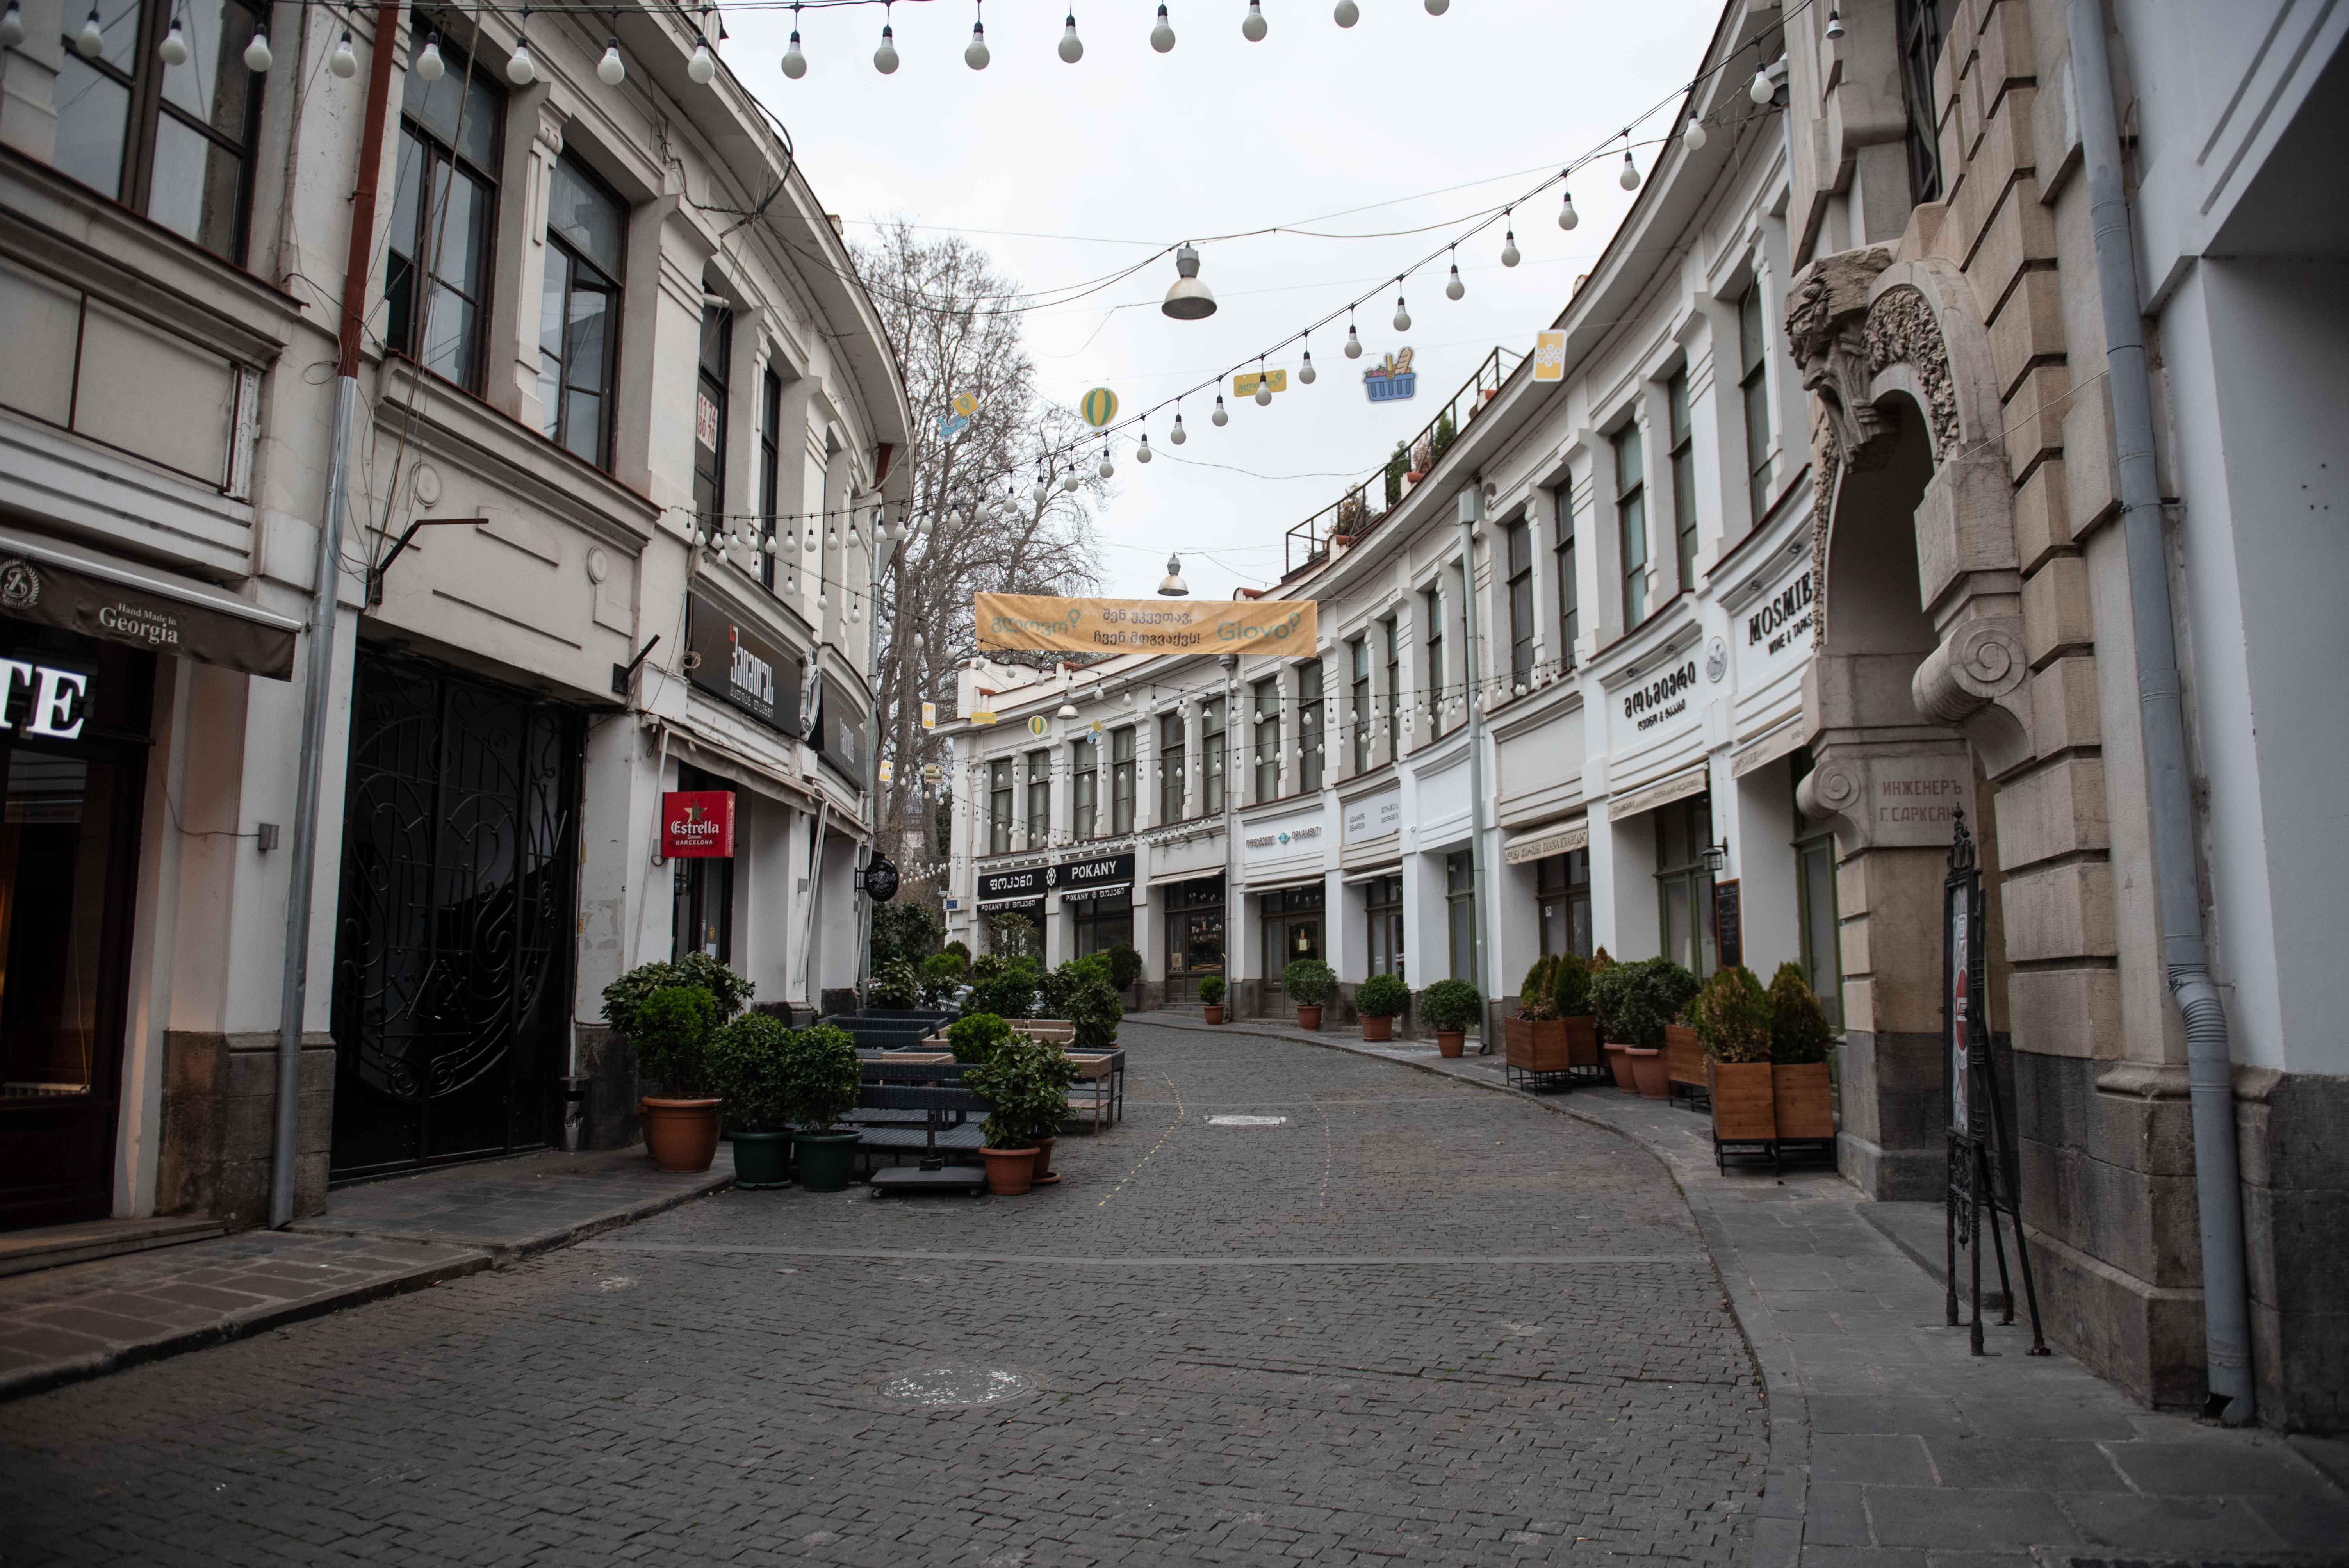 Закрытые кафе и магазины на улице Бамбис Риги. Фото: Мариам Никурадзе/OC Media.